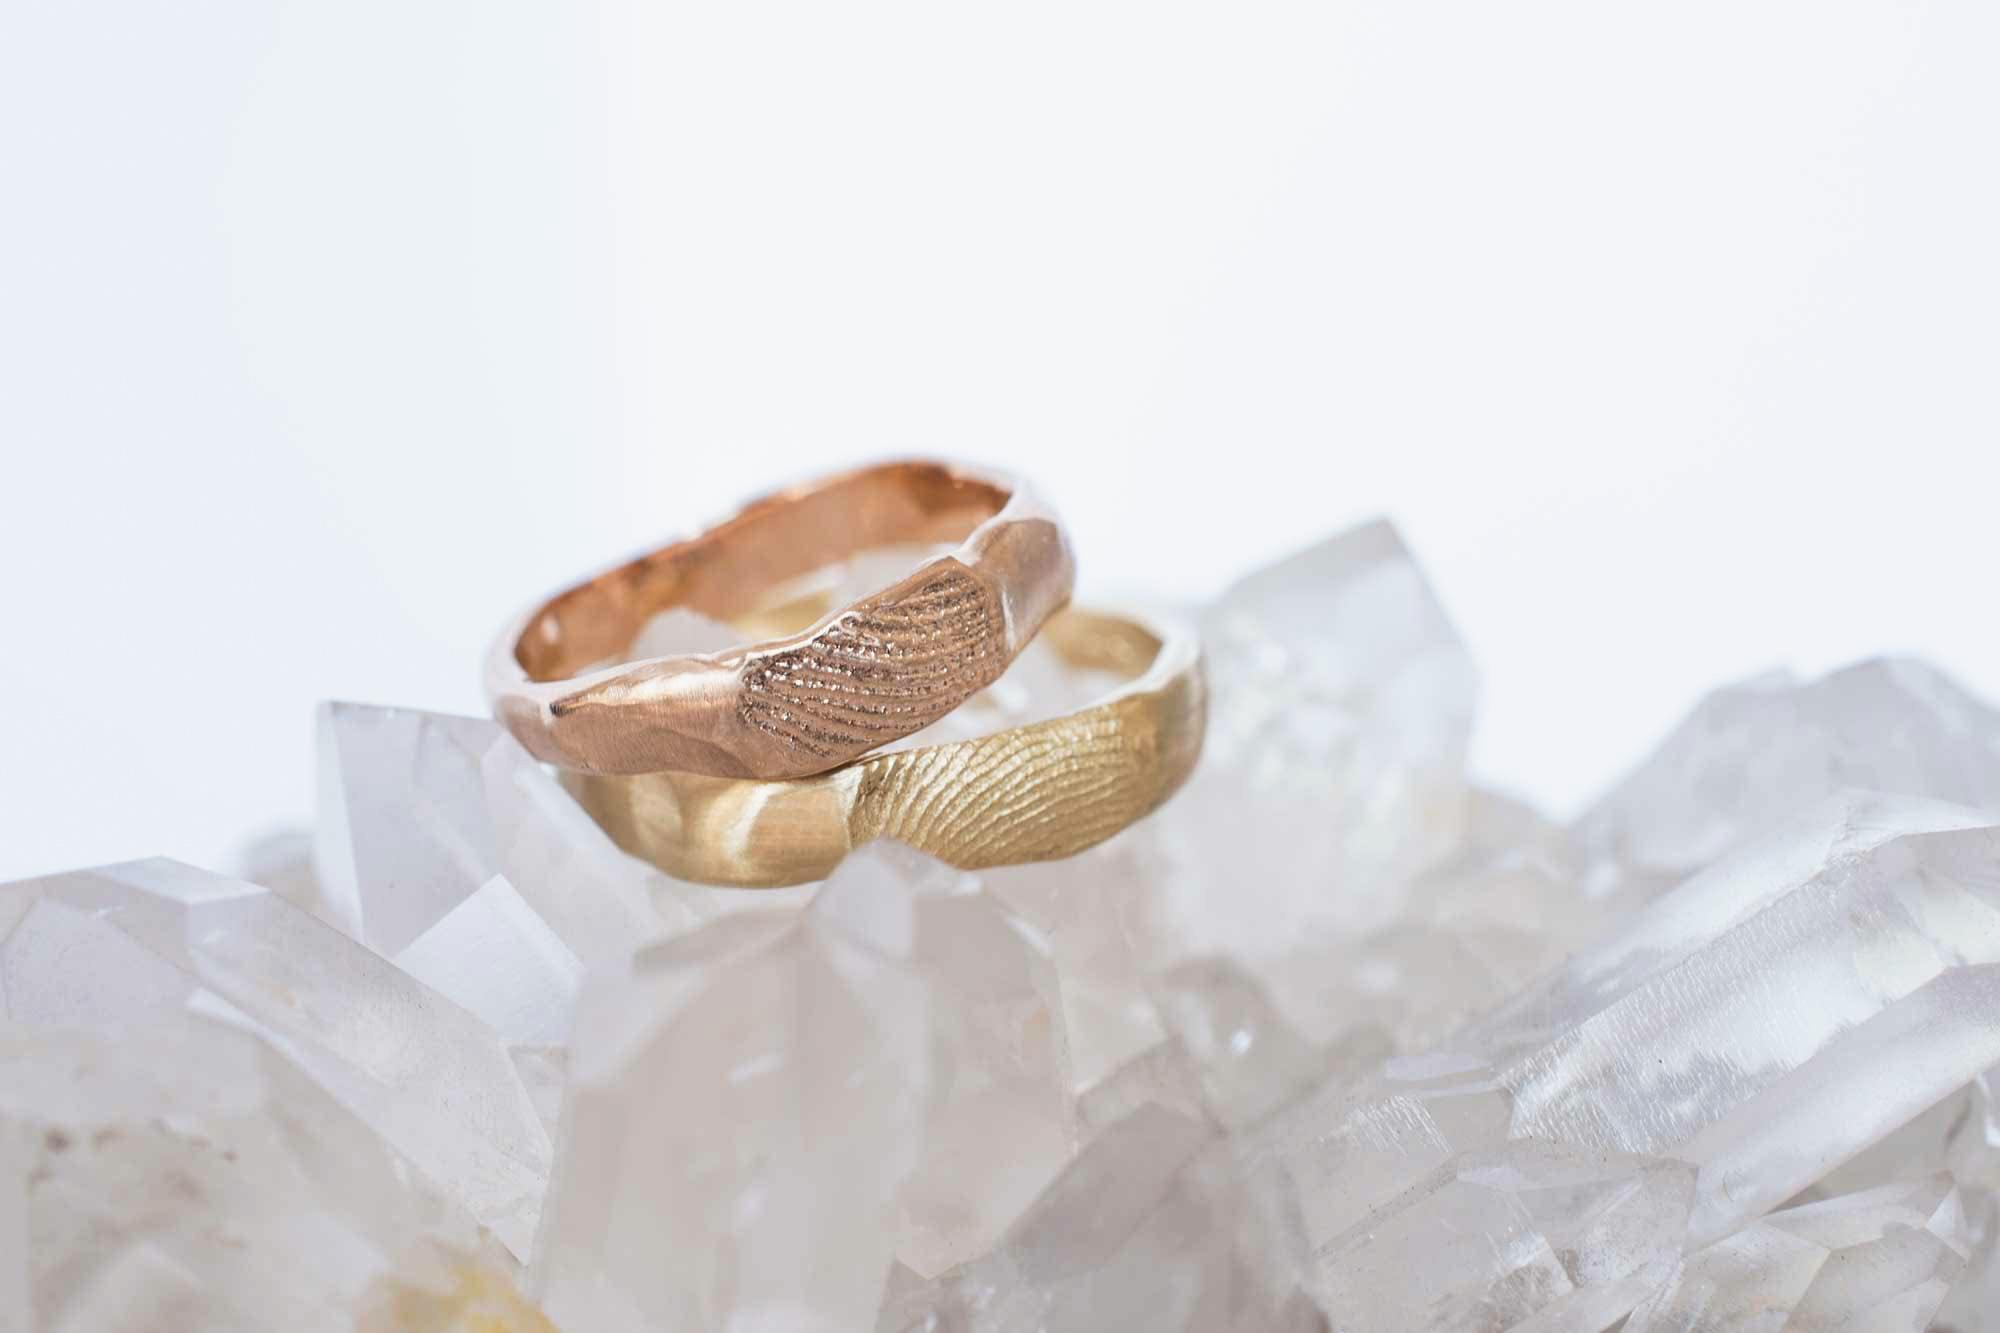 Šperky s otiskem